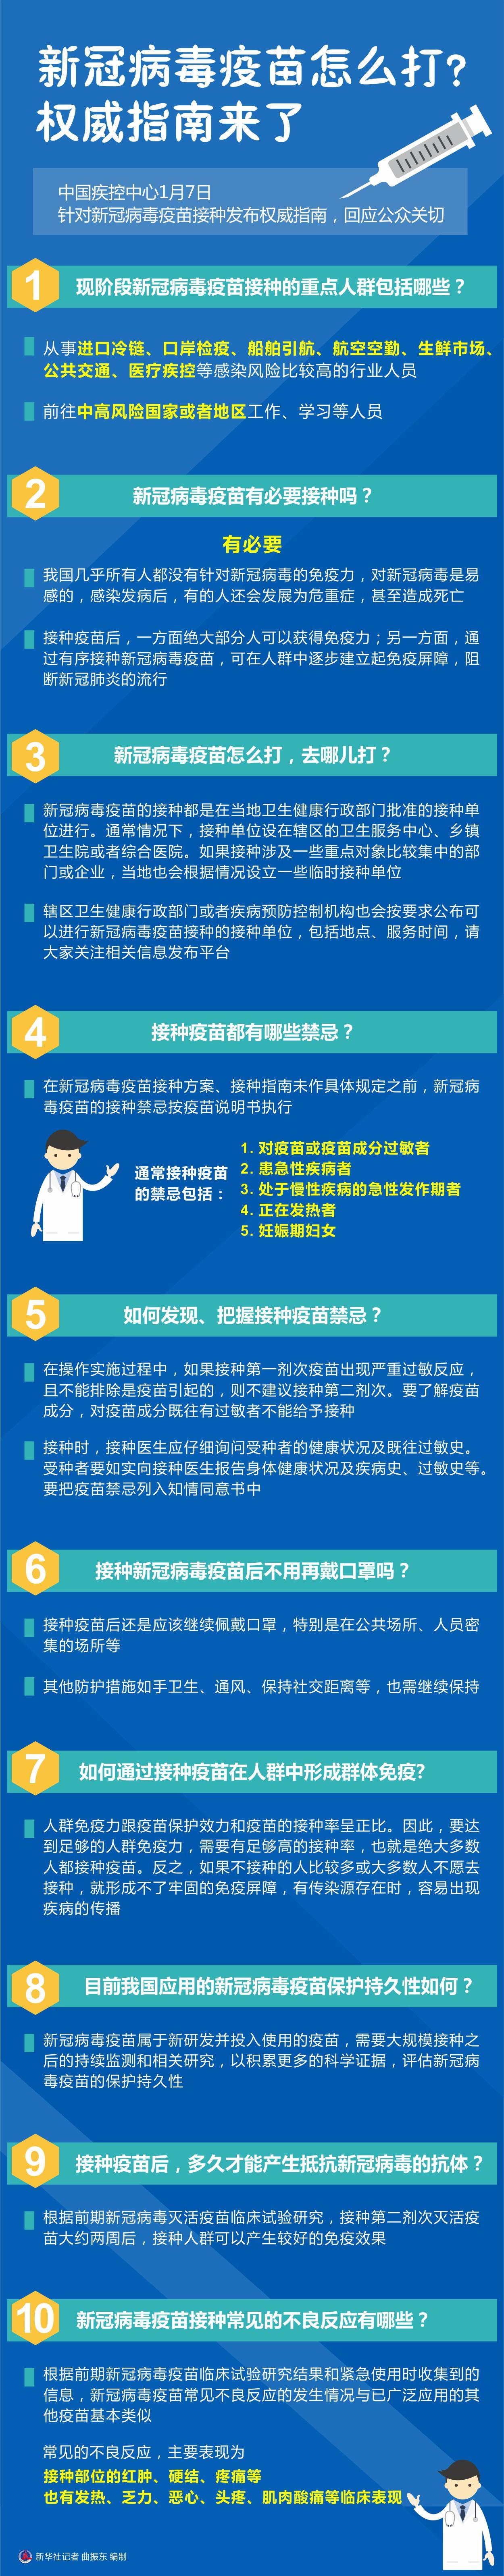 权威指南:新冠病毒疫苗怎么打